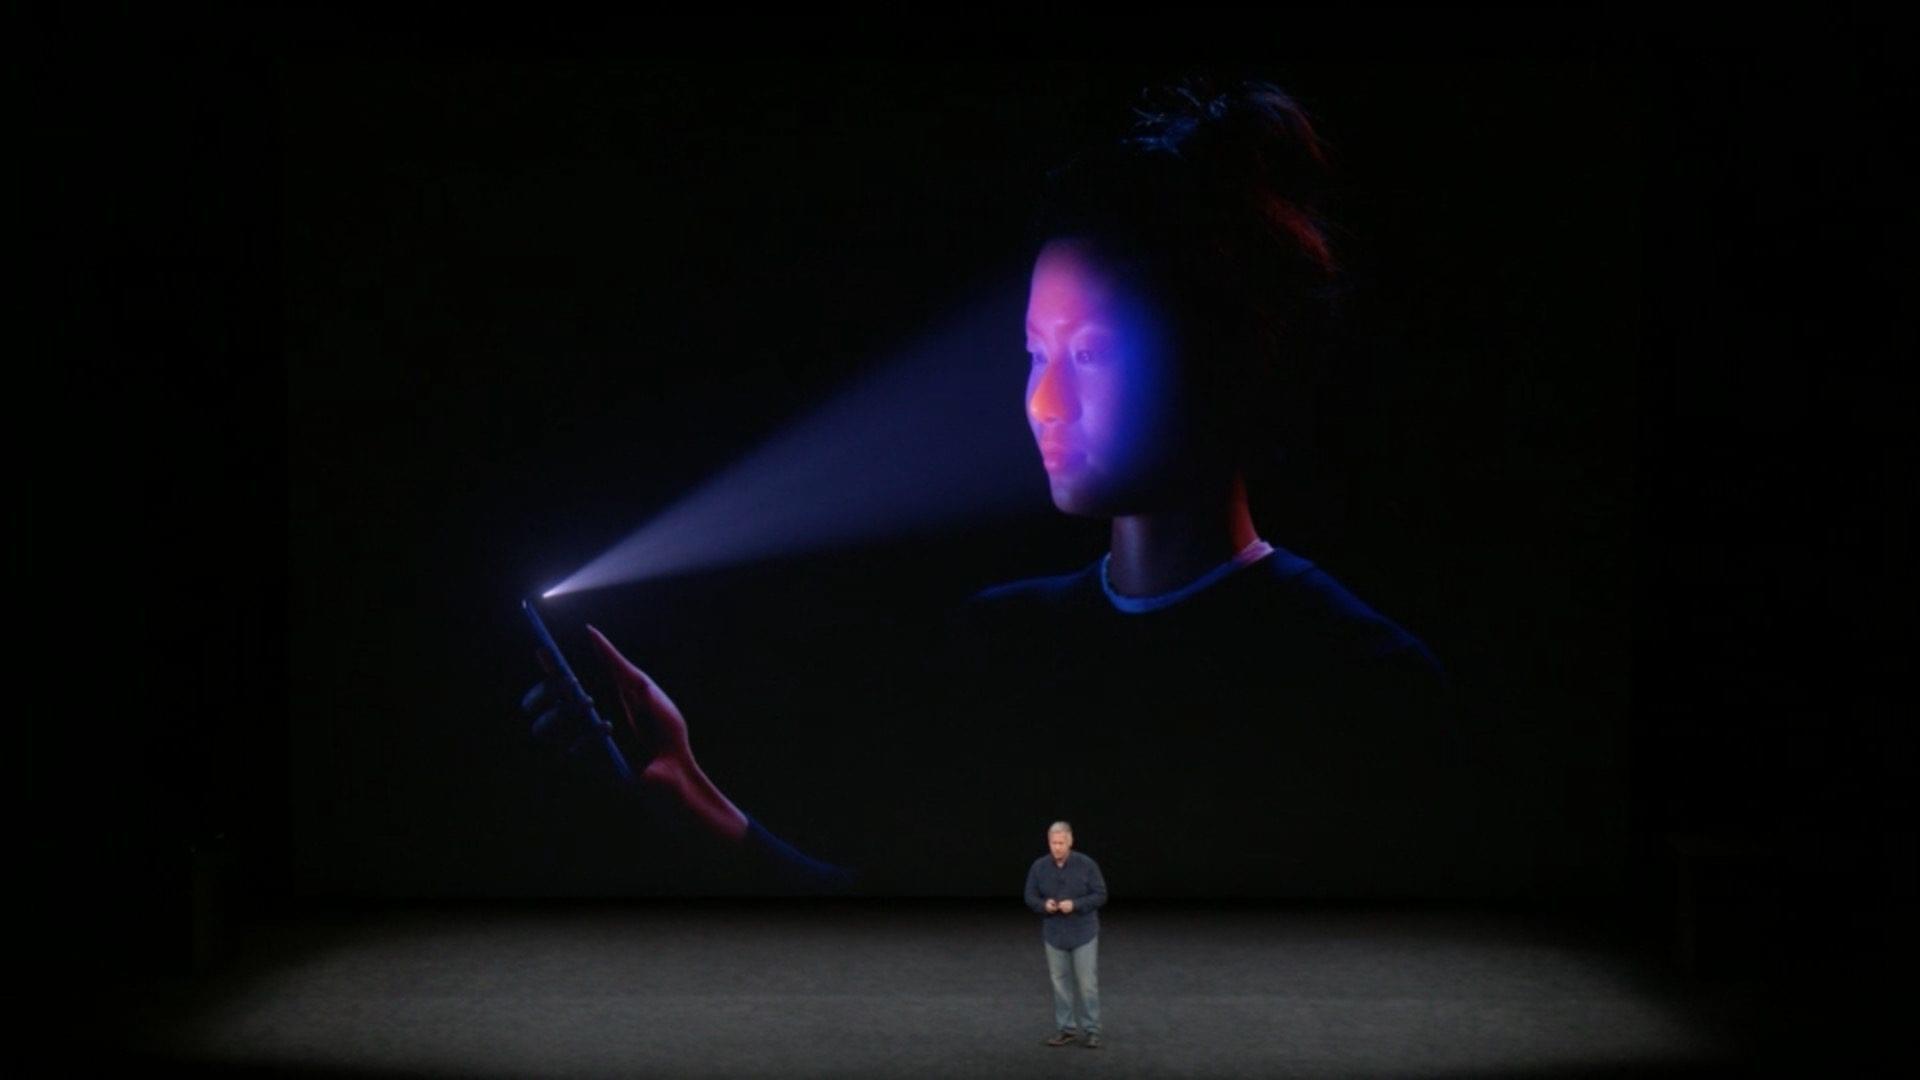 苹果谈Face ID:会检测注意力 所以睡觉不怕被解锁